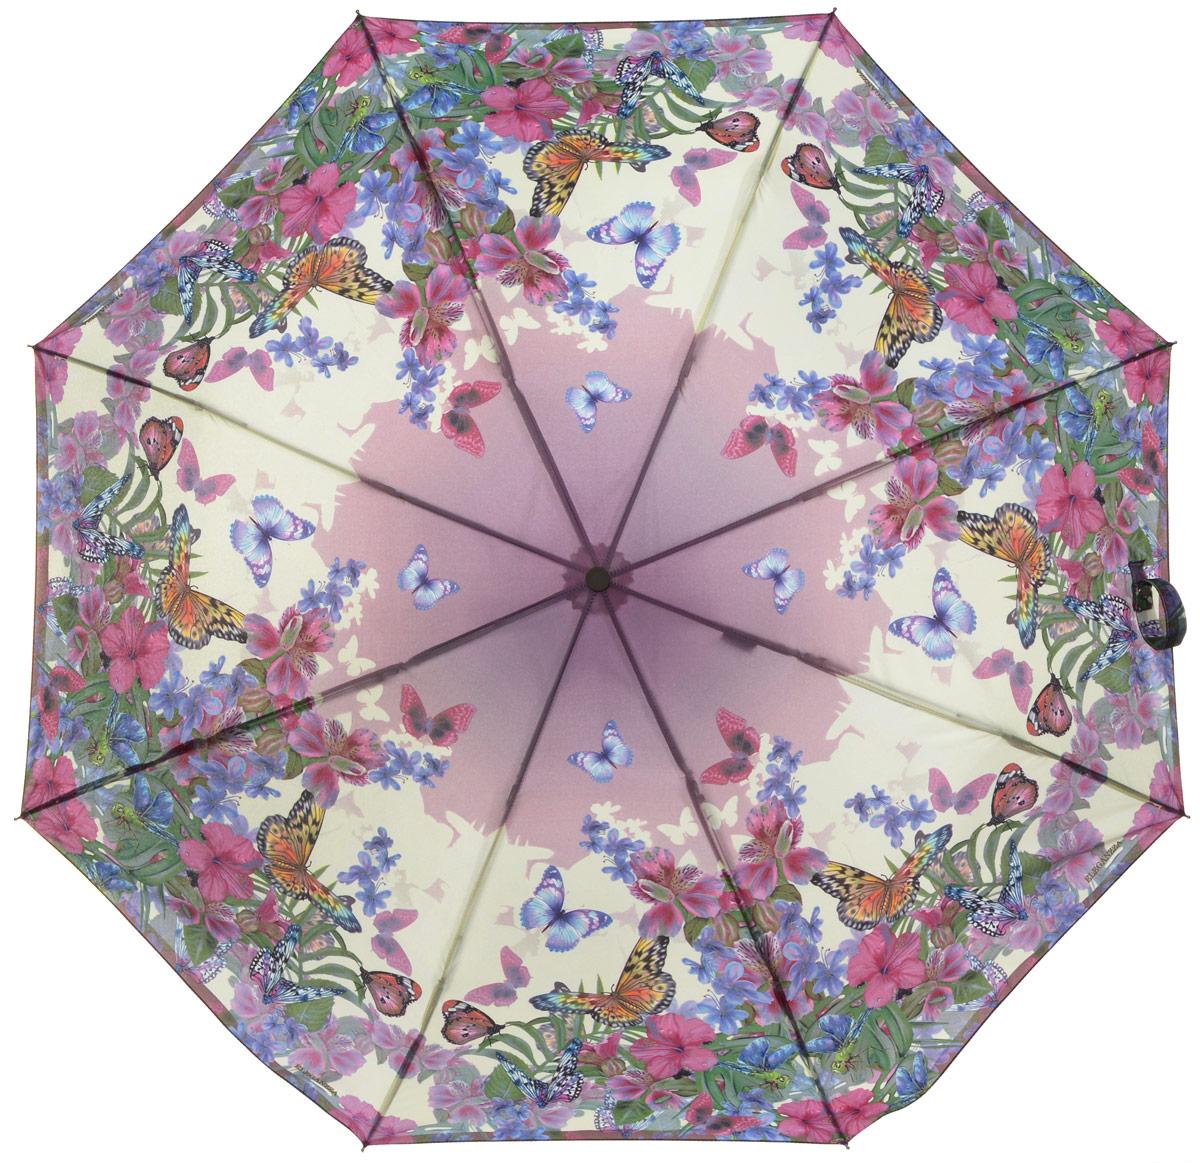 Зонт женский Eleganzza, автомат, 3 сложения, цвет: бежевый, мультиколор. A3-05-0299LSA3-05-0299LSСтильный и элегантный зонт Eleganzza не оставит вас незамеченной. Зонт оформлен оригинальным принтом. Зонт состоит из восьми спиц и стержня, изготовленных из стали, алюминия и фибергласса. Купол выполнен из качественного полиэстера и эпонжа, которые не пропускают воду. Зонт дополнен удобной ручкой из пластика. Зонт имеет автоматический механизм сложения: купол открывается и закрывается нажатием кнопки на ручке, стержень складывается вручную до характерного щелчка и каркас не вылетает обратно, благодаря чему открыть и закрыть зонт можно одной рукой. Ручка дополнена петлей, благодаря которой зонт можно носить на запястье . К зонту прилагается чехол. Удобный и практичный аксессуар даже в ненастную погоду позволит вам оставаться женственной и привлекательной.